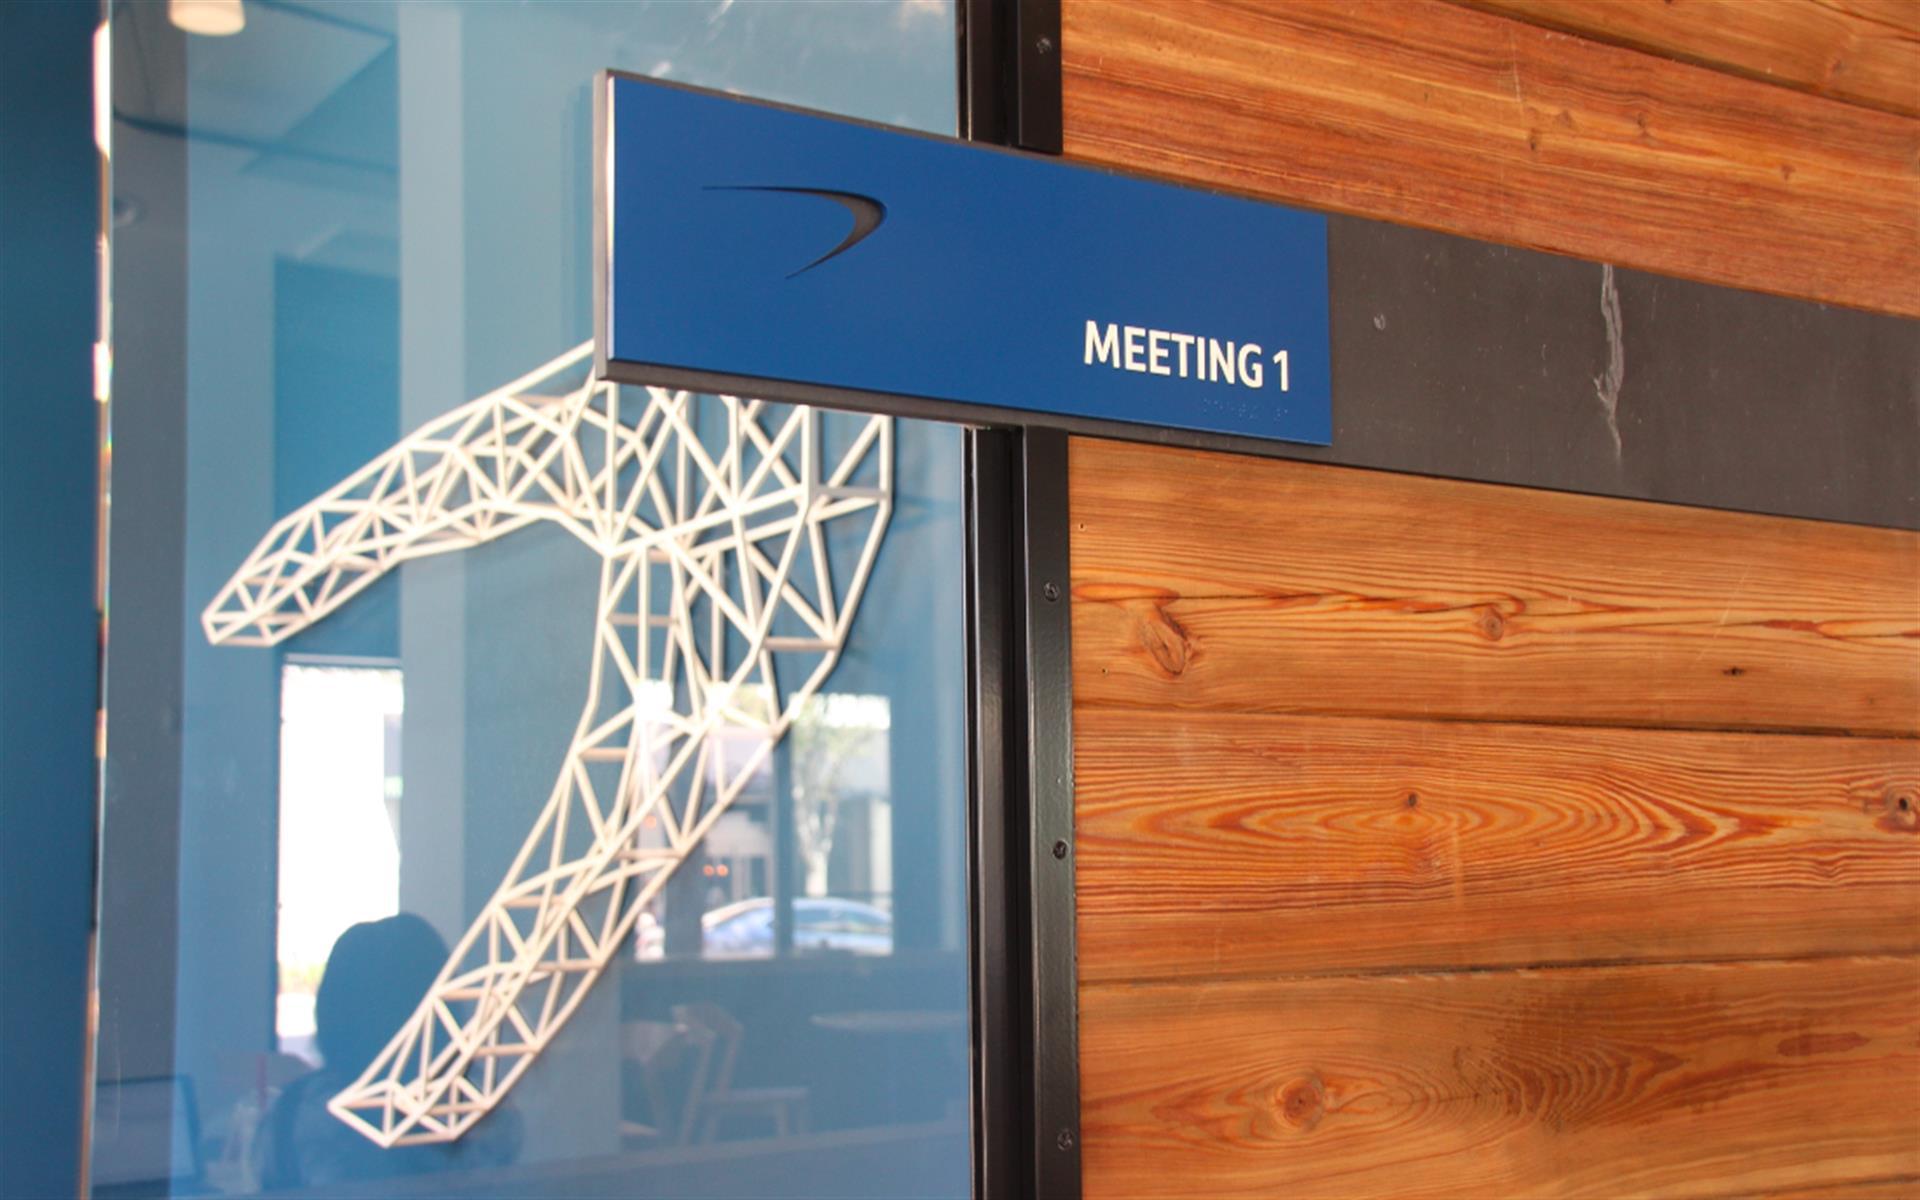 Capital One Café - West Palm Beach - The Capital One Community Room